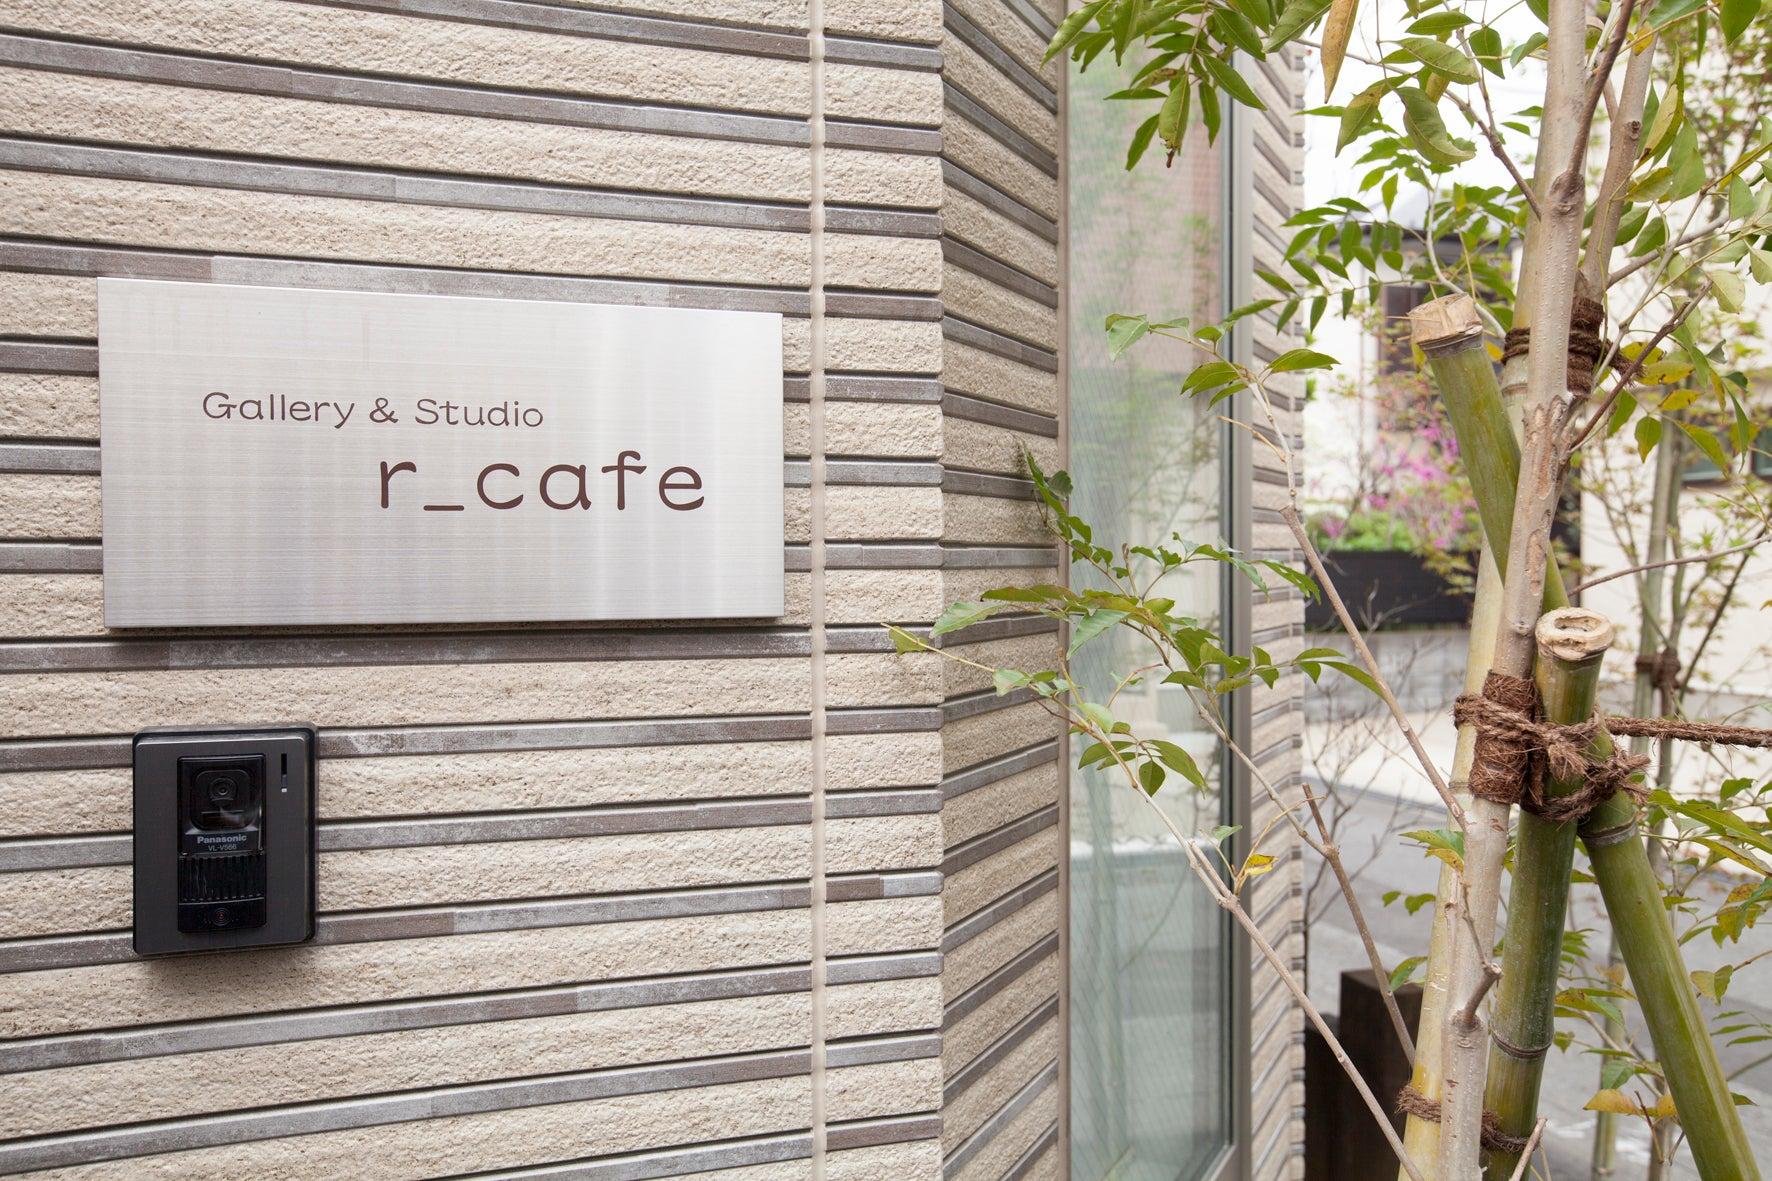 【四谷】*本格茶室*キッチン*都会の真ん中ながら静かな隠れ家的ギャラリースタジオ☆